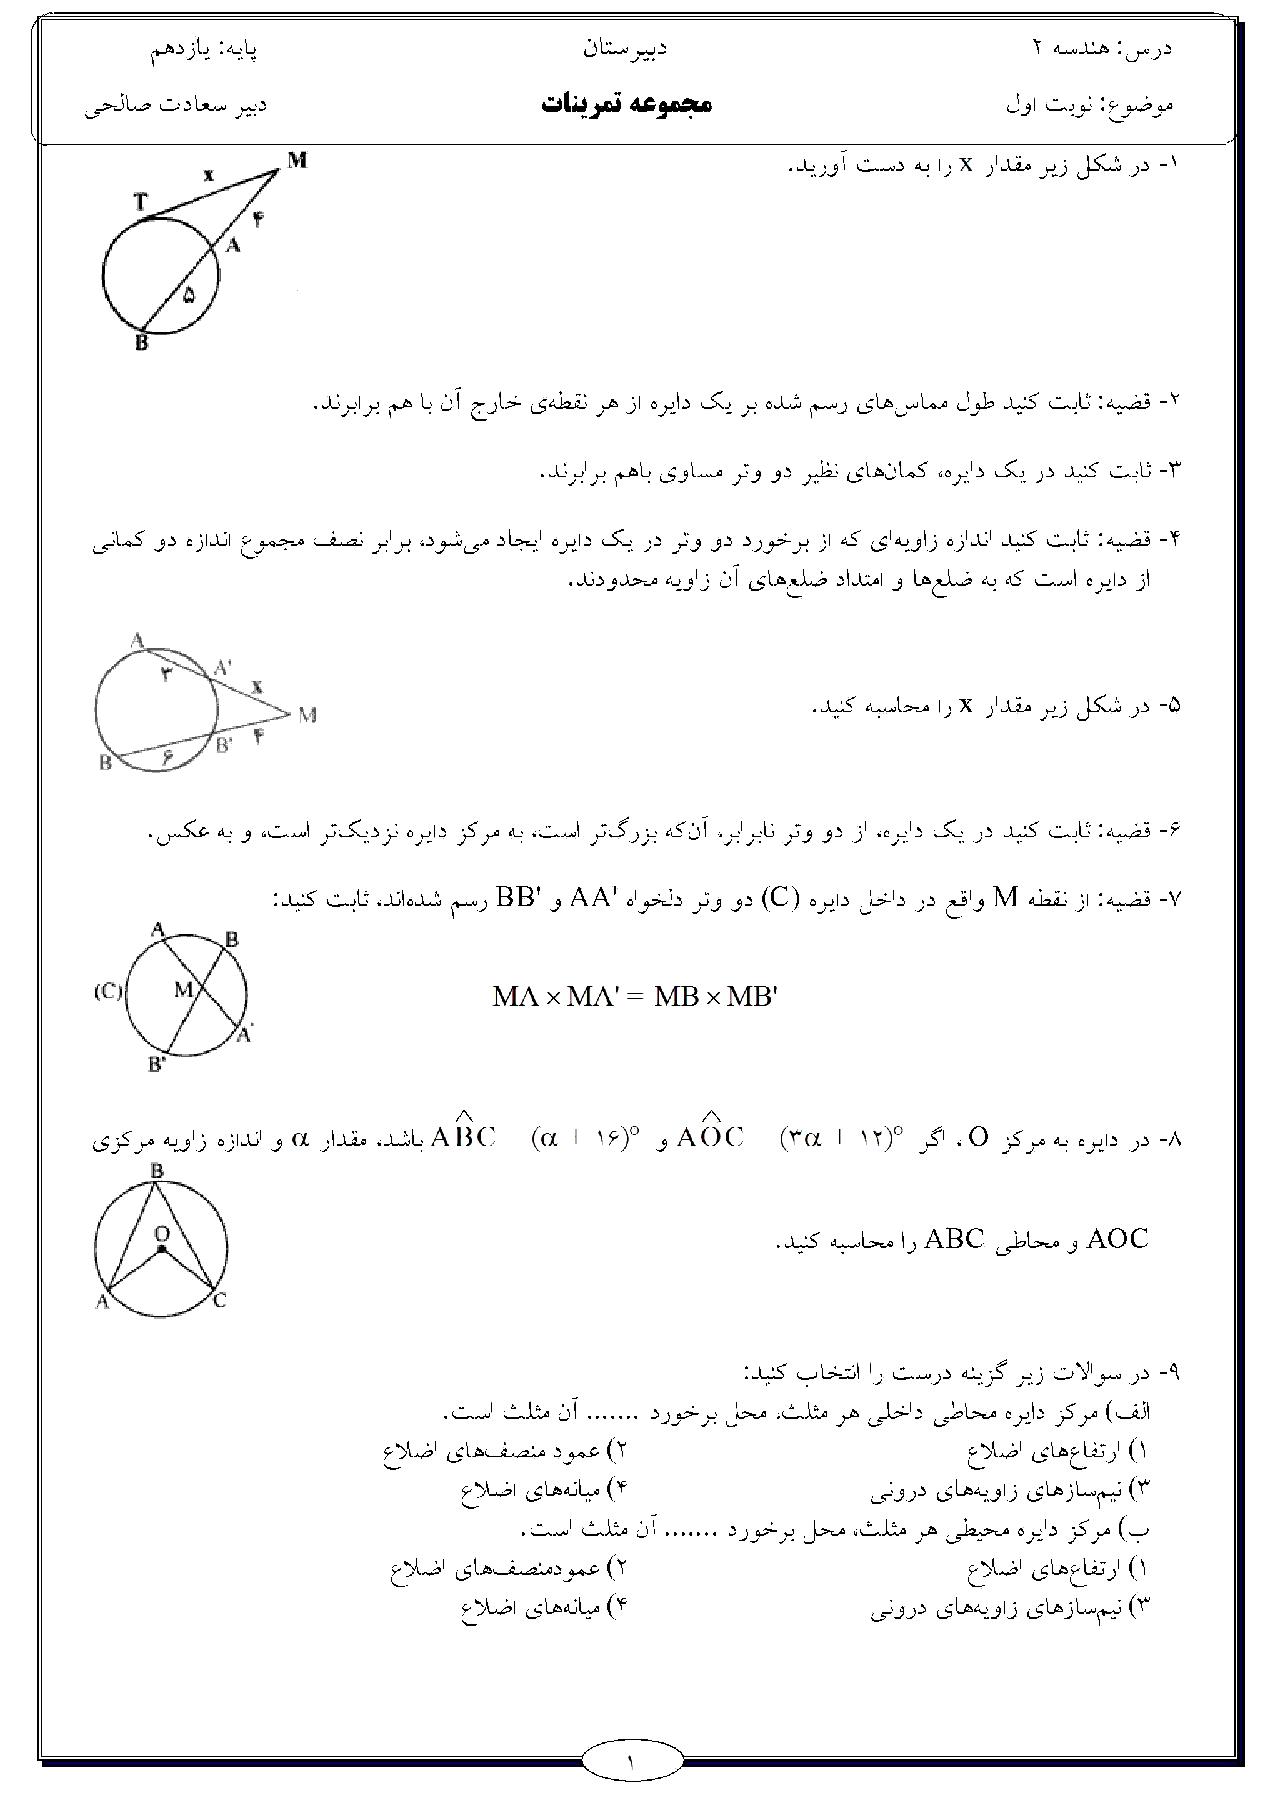 مجموعه تمرینهای فصل اول هندسه (2) پایه یازدهم دبیرستان دکتر شهریاری | فصل 1: دایره